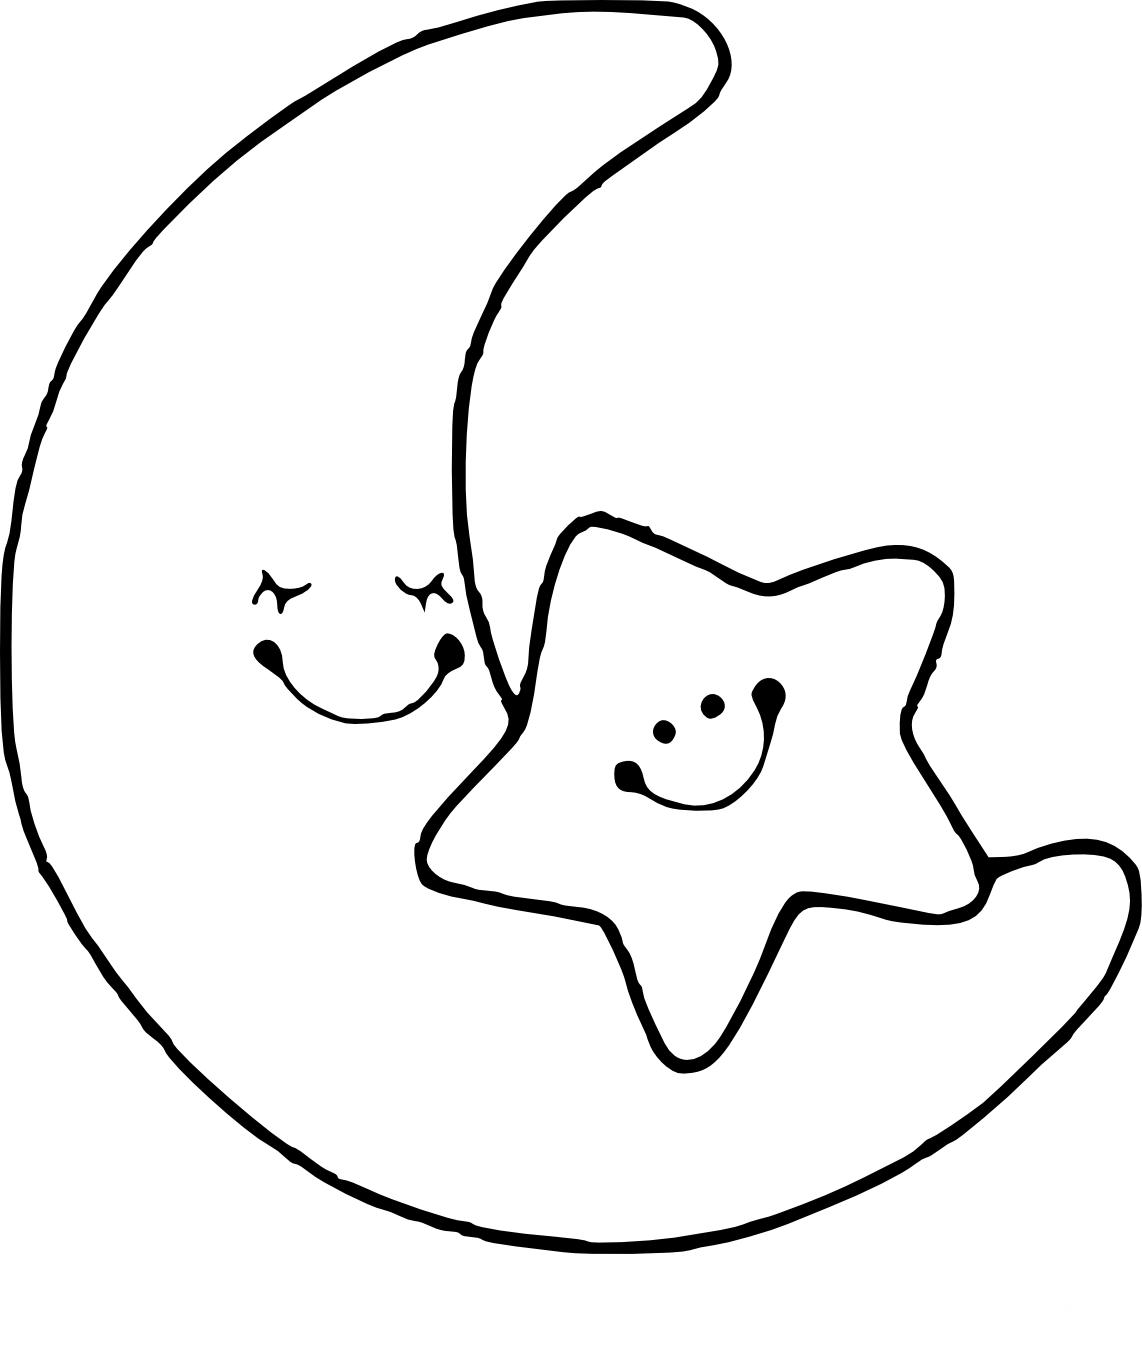 Coloriage lune et toile imprimer - La lune coloriage ...